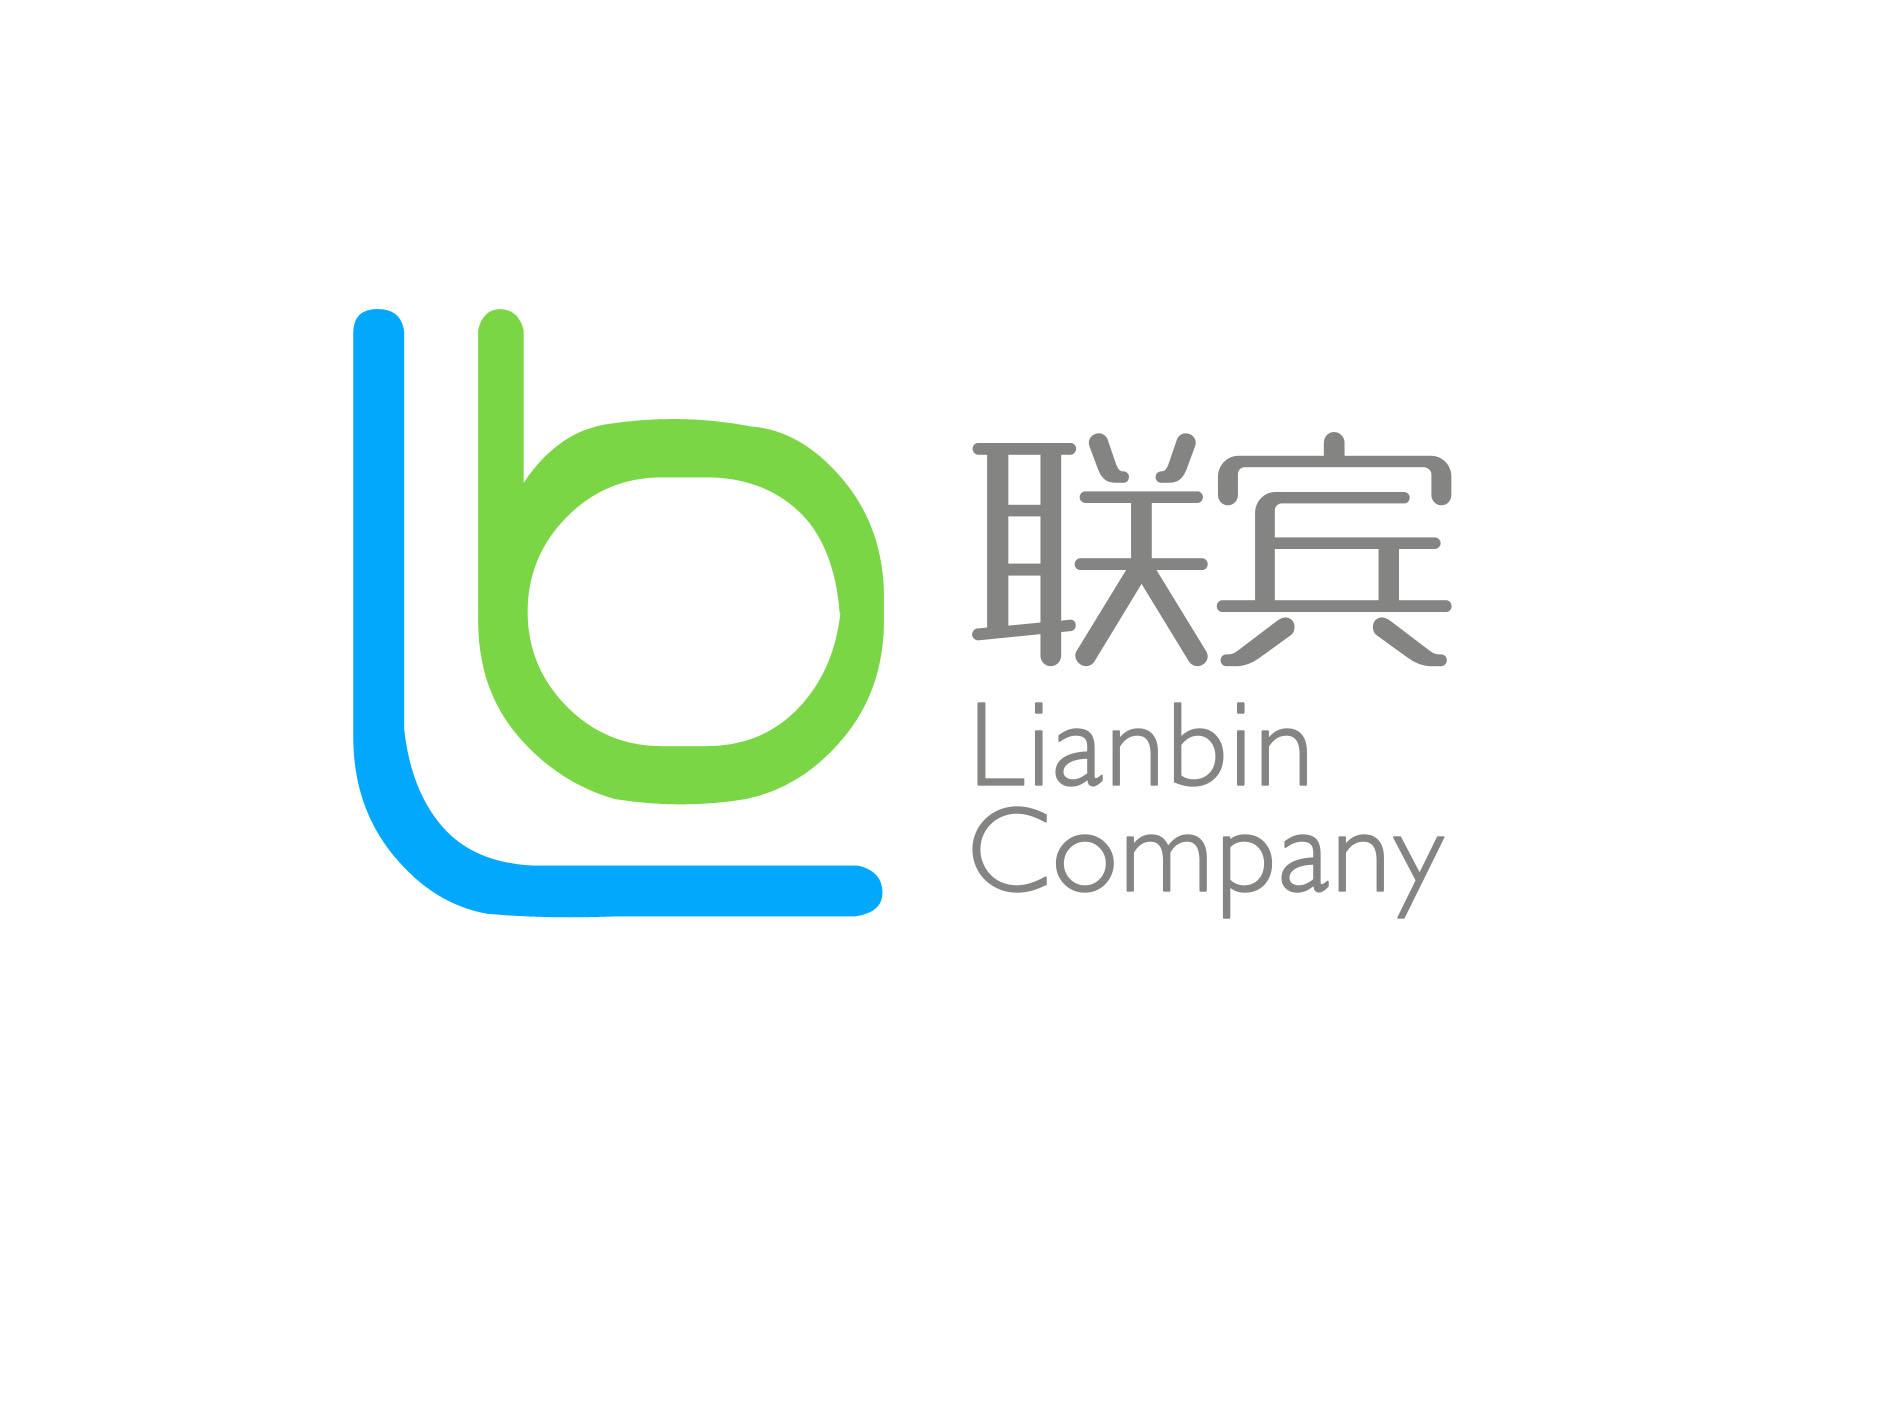 晋江市联宾供应链管理有限公司